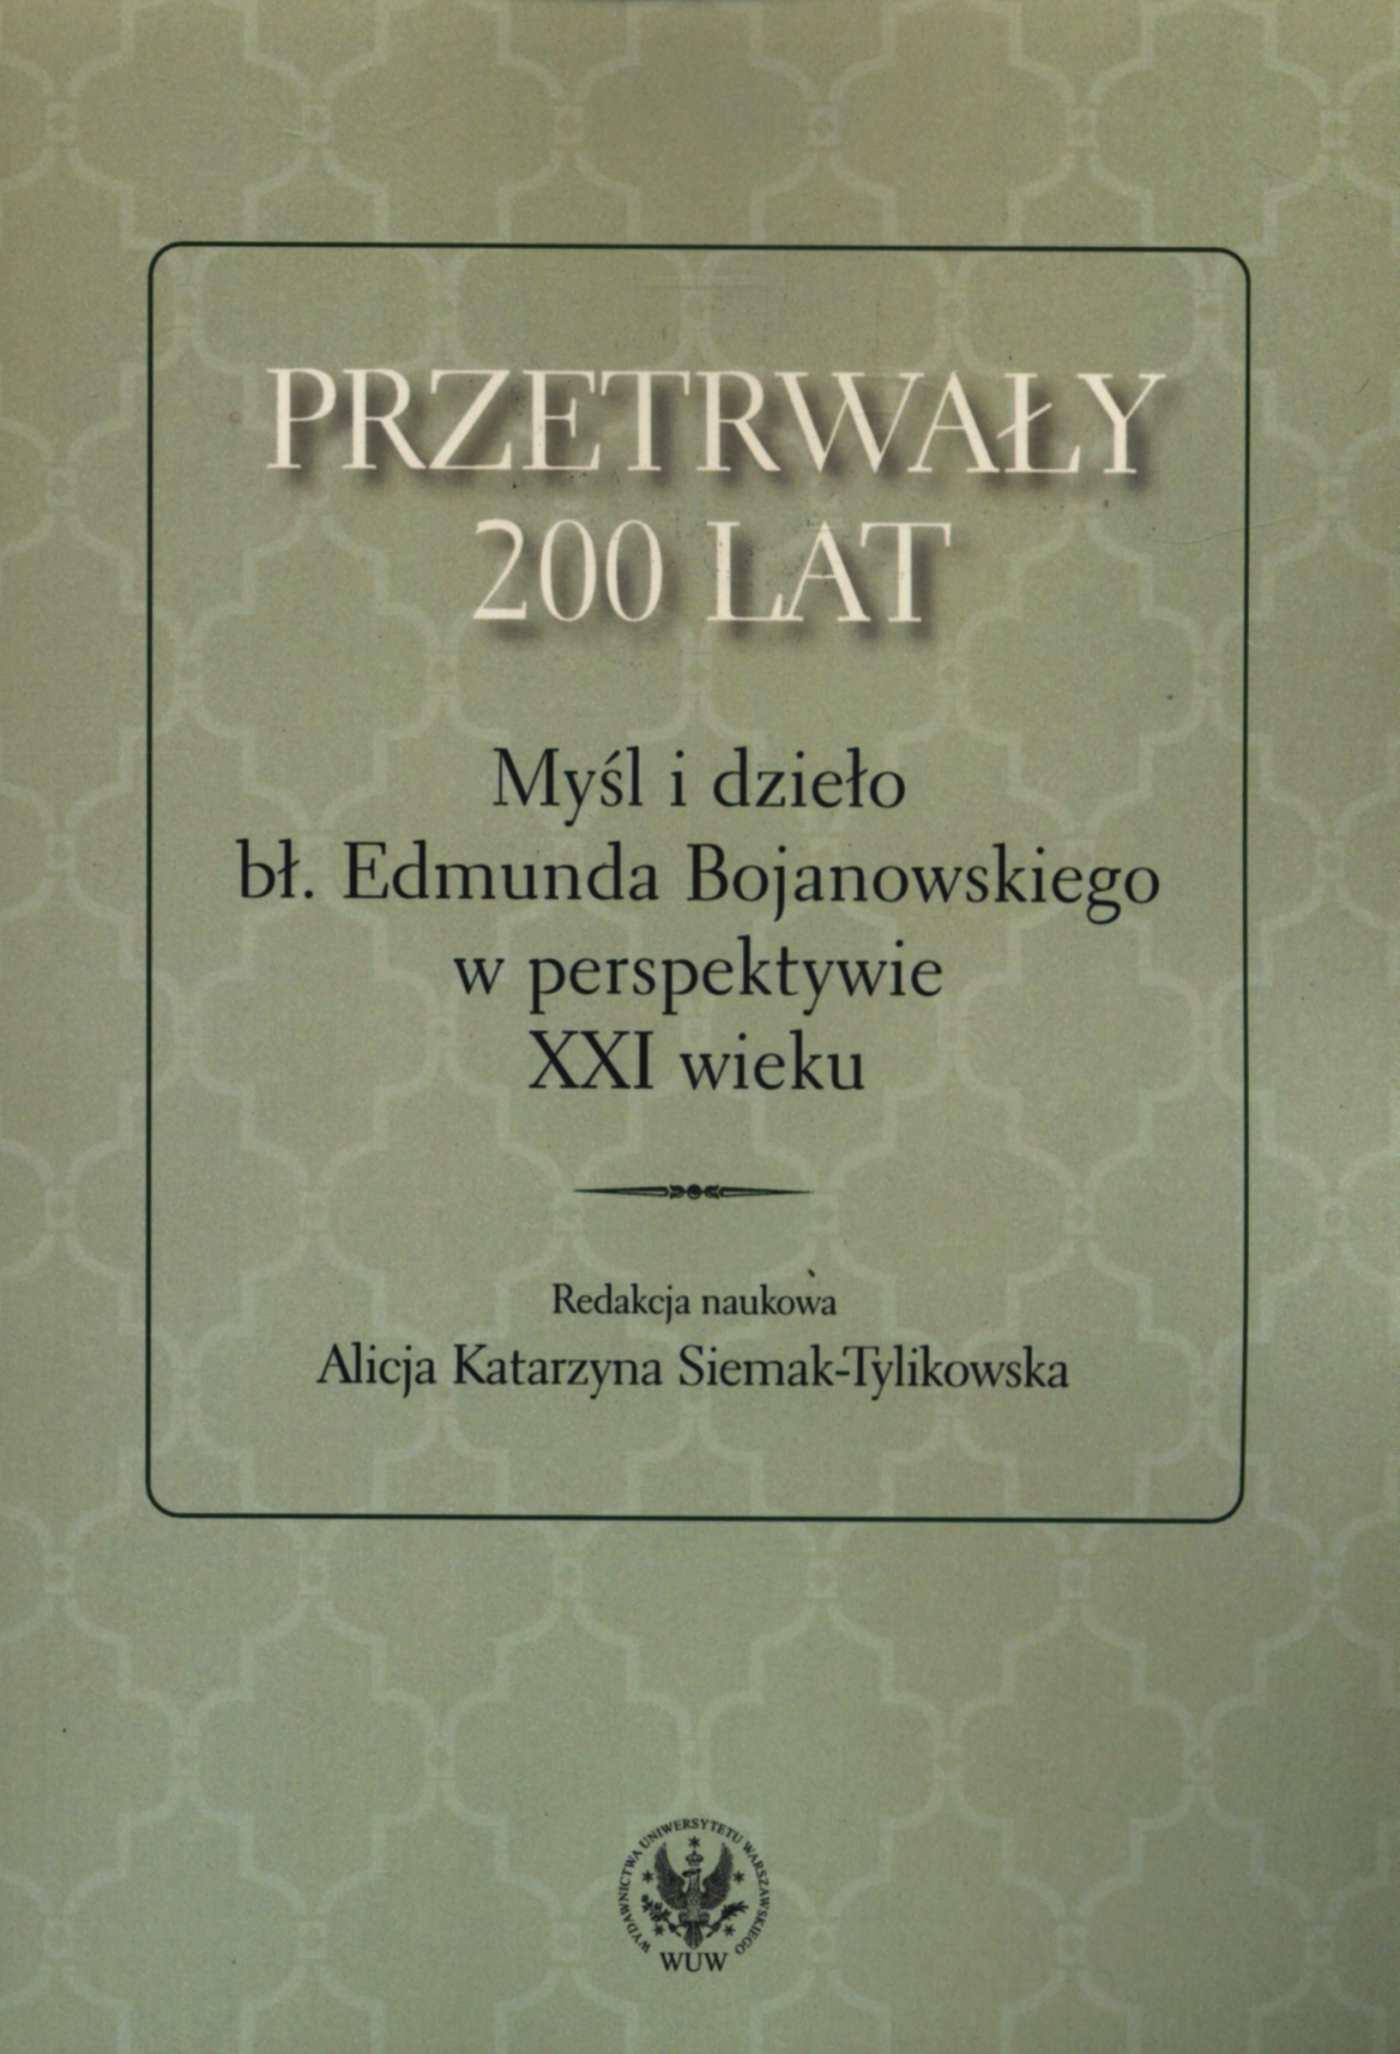 Przetrwały 200 lat - Ebook (Książka PDF) do pobrania w formacie PDF